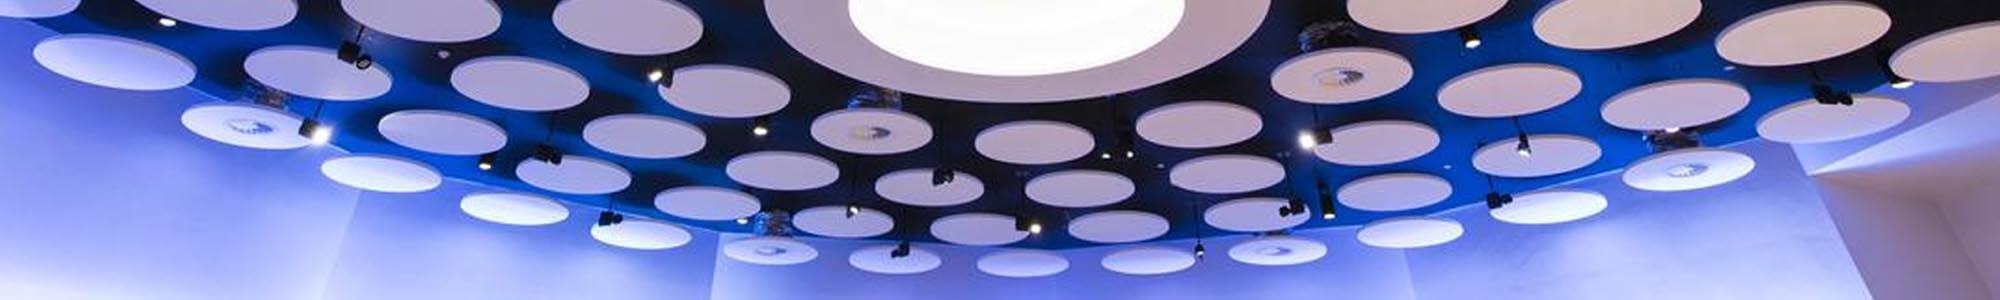 Panneaux d'îlots de plafond